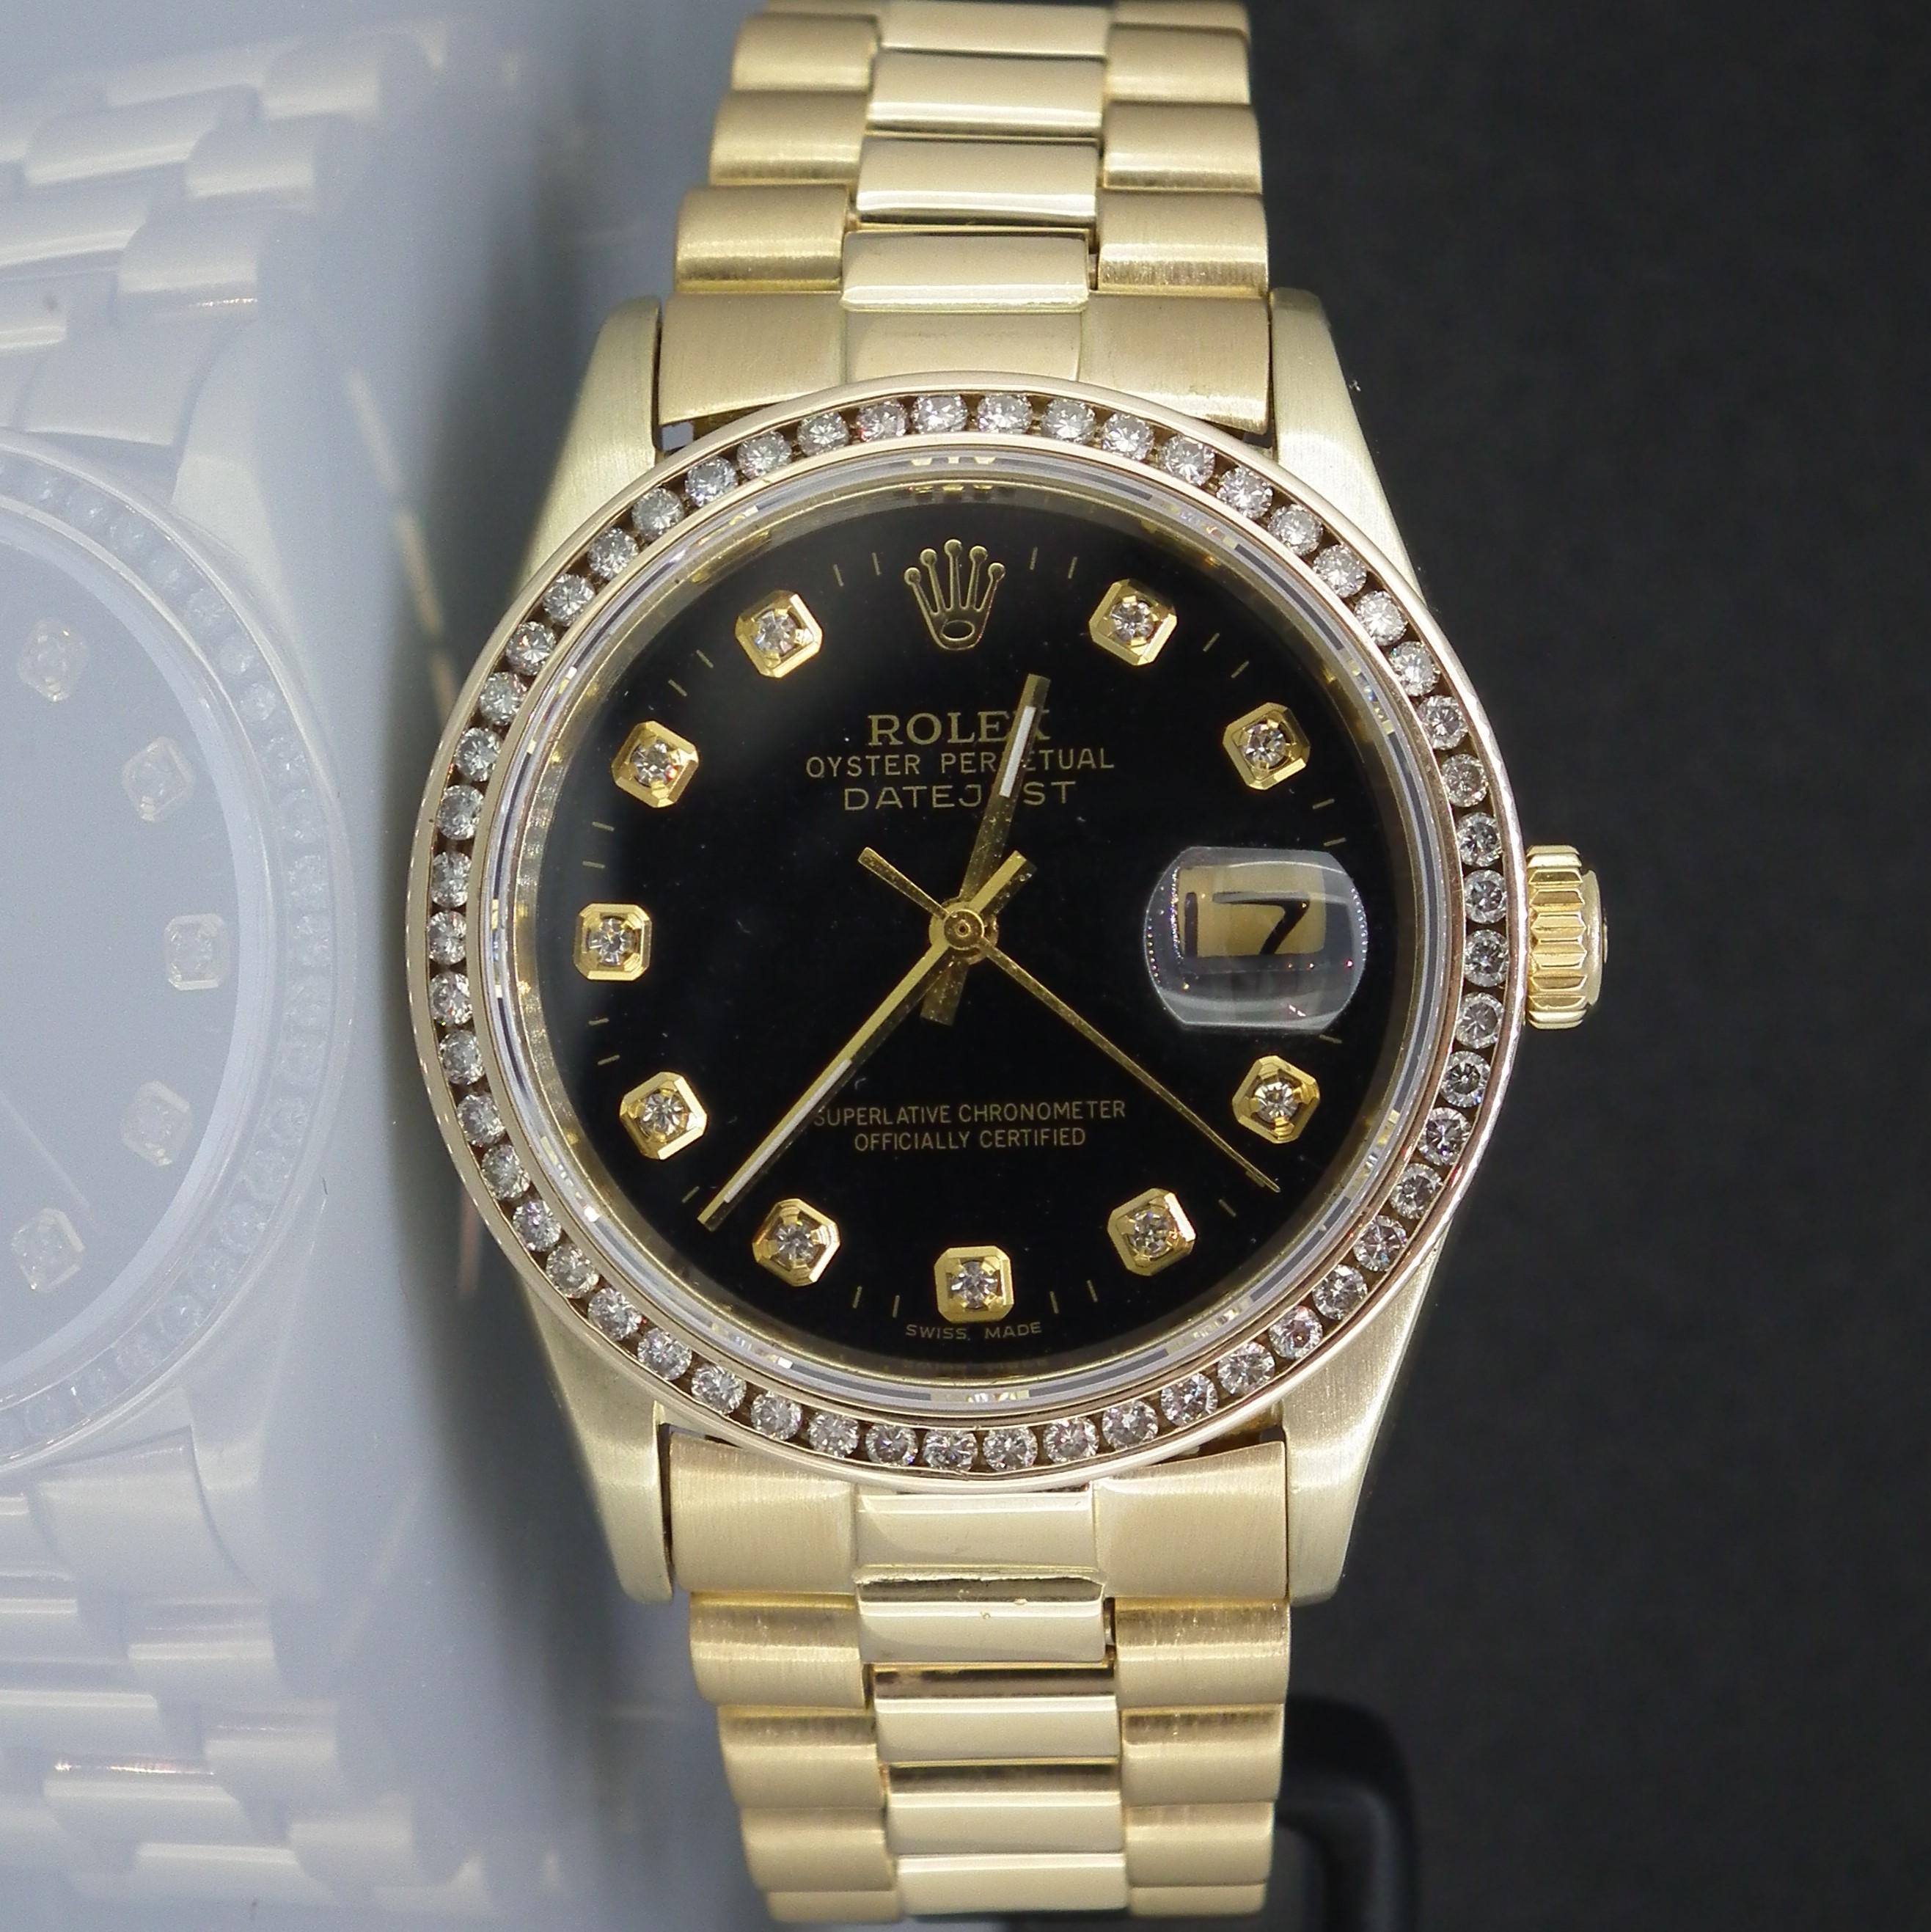 Details about Rolex Datejust 16018 PRESIDENT Bracelet (1989)